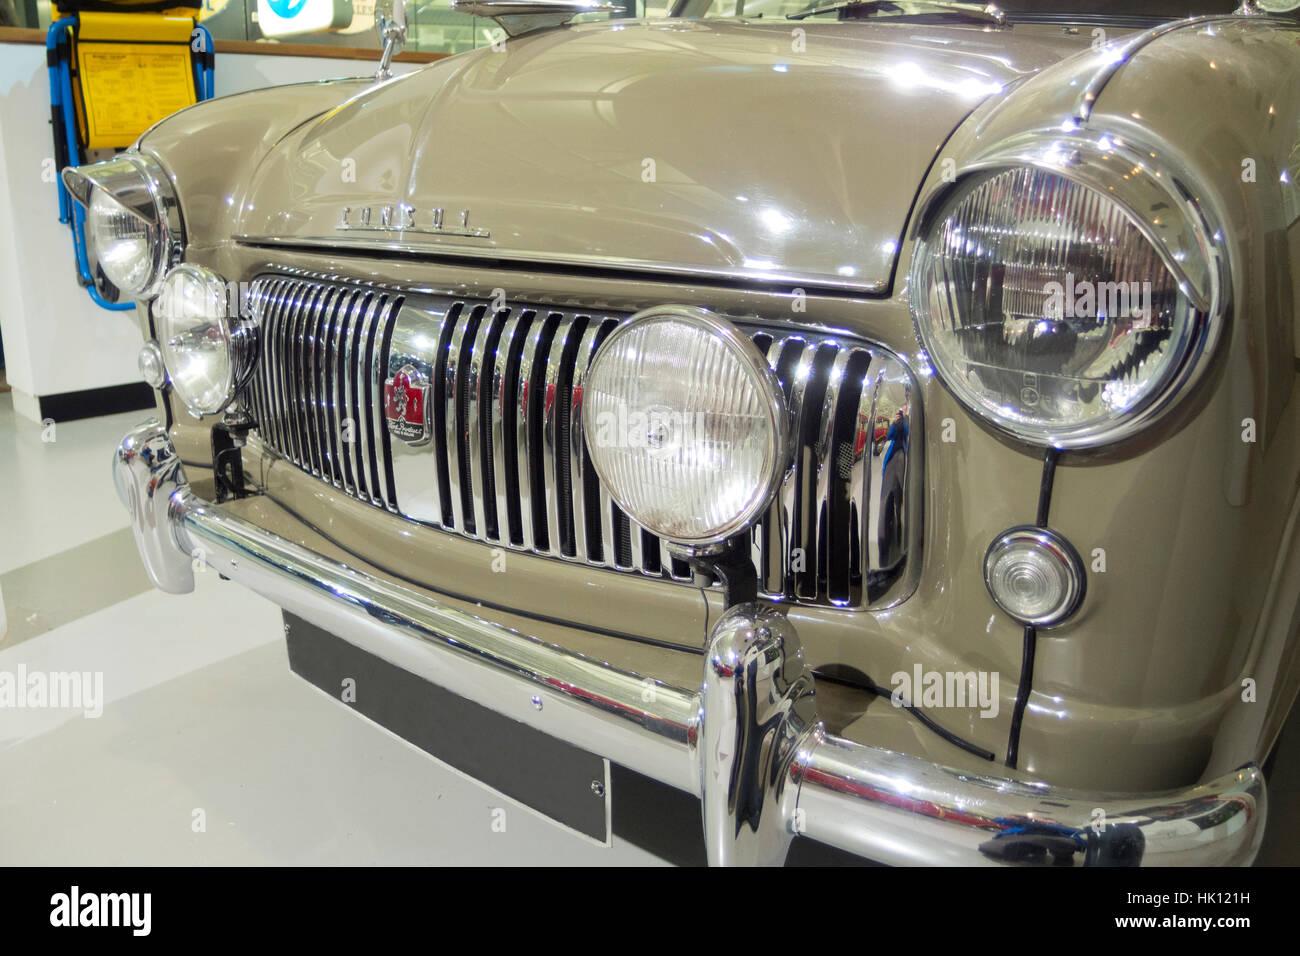 1953 Ford Consul Auto Stockbild